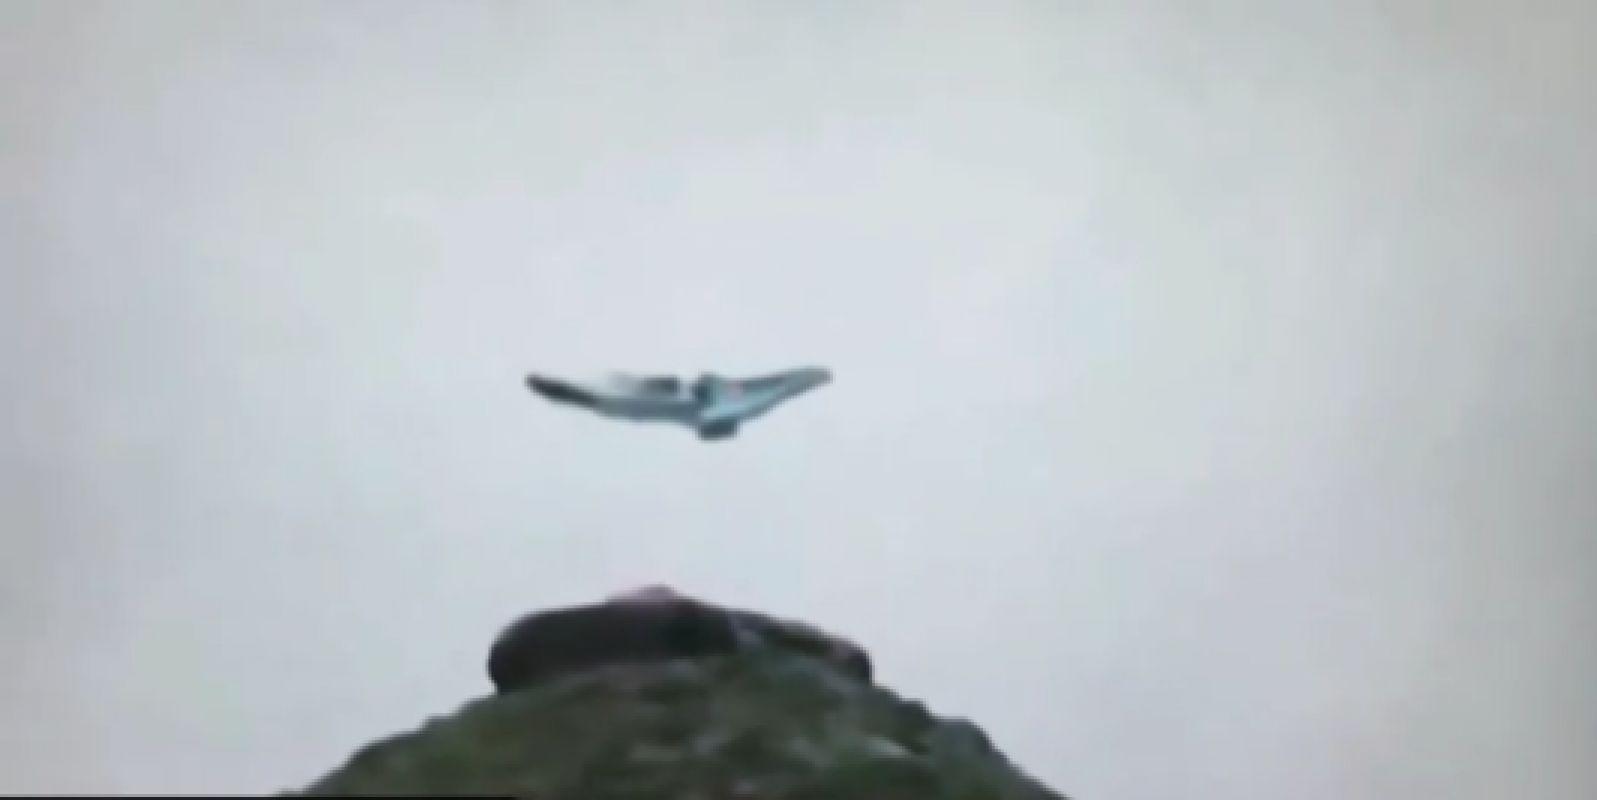 Катя Лель показала видео с появлением пришельцев, в которое невозможно поверить